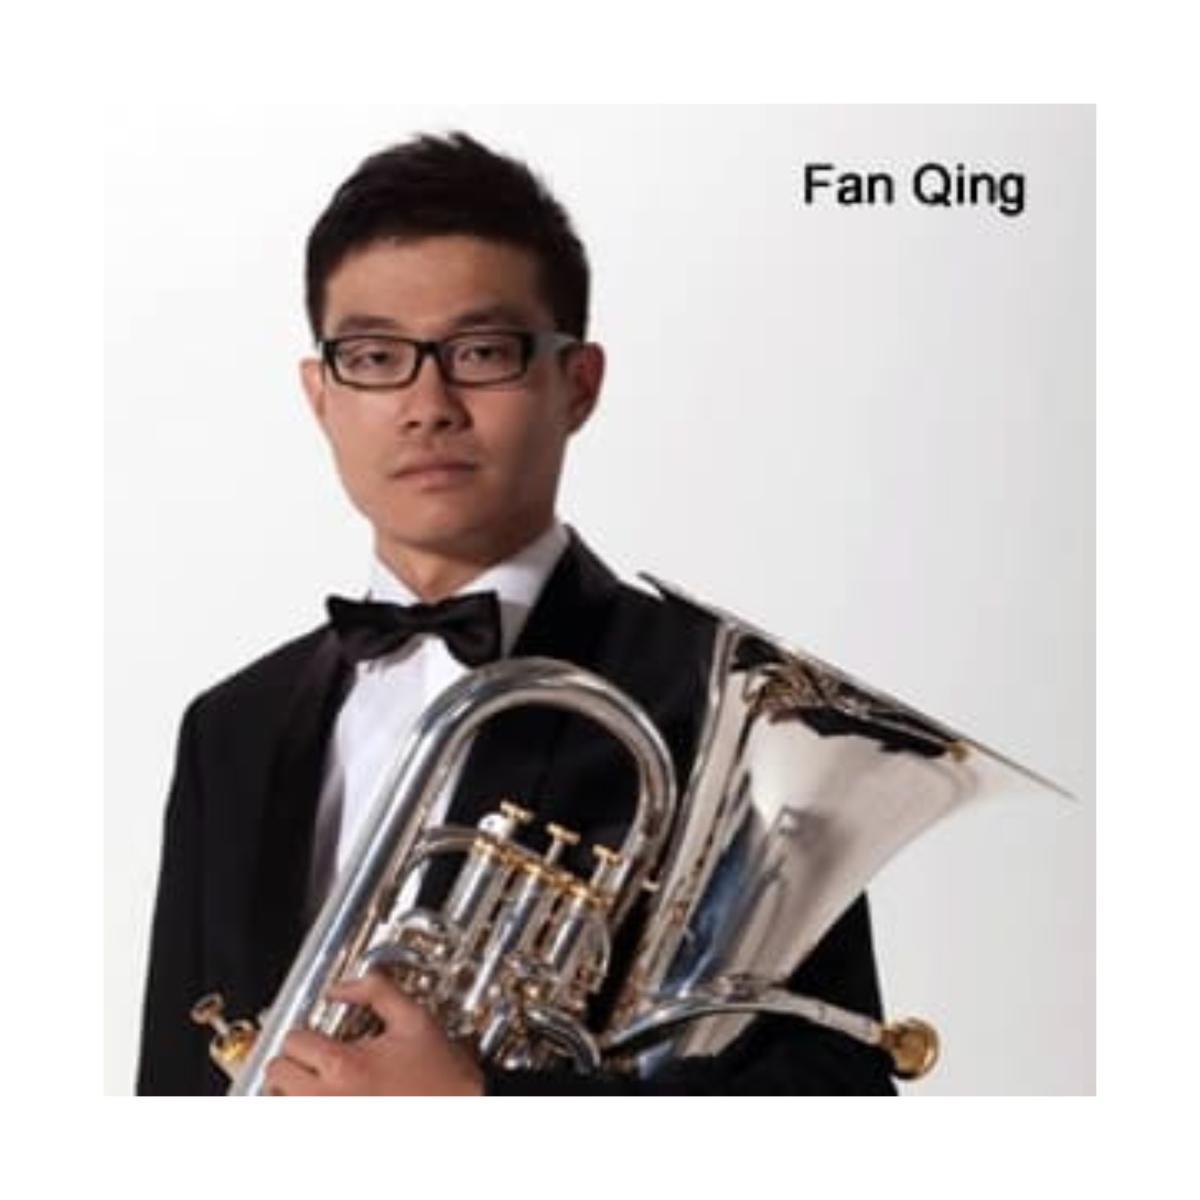 Fan Qing